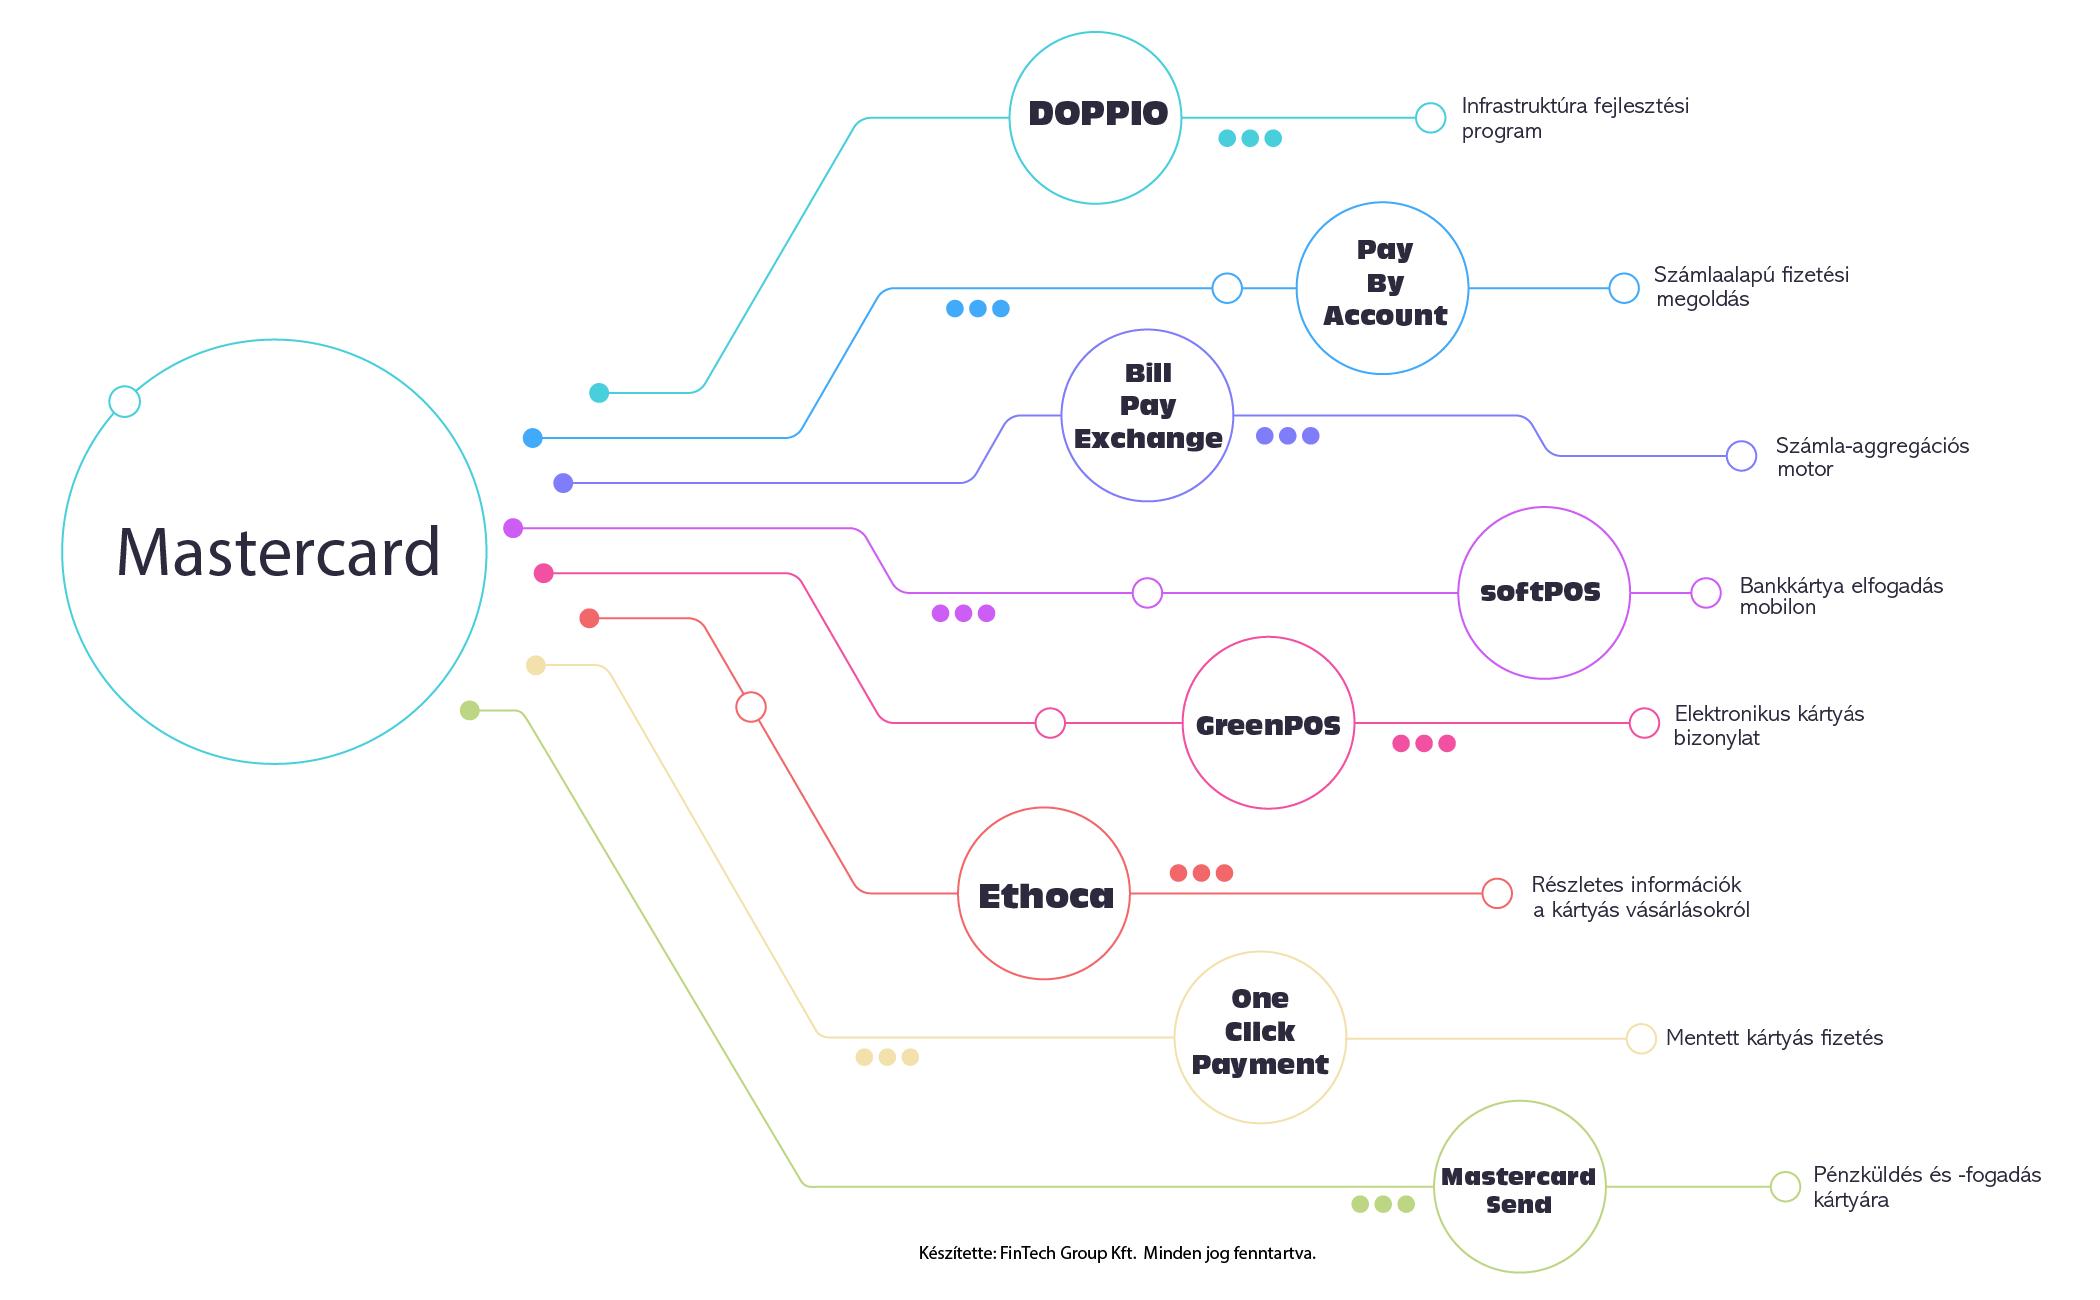 magyarorszag-elektronikus-fizetesi-terkepe-infografika-mastercard